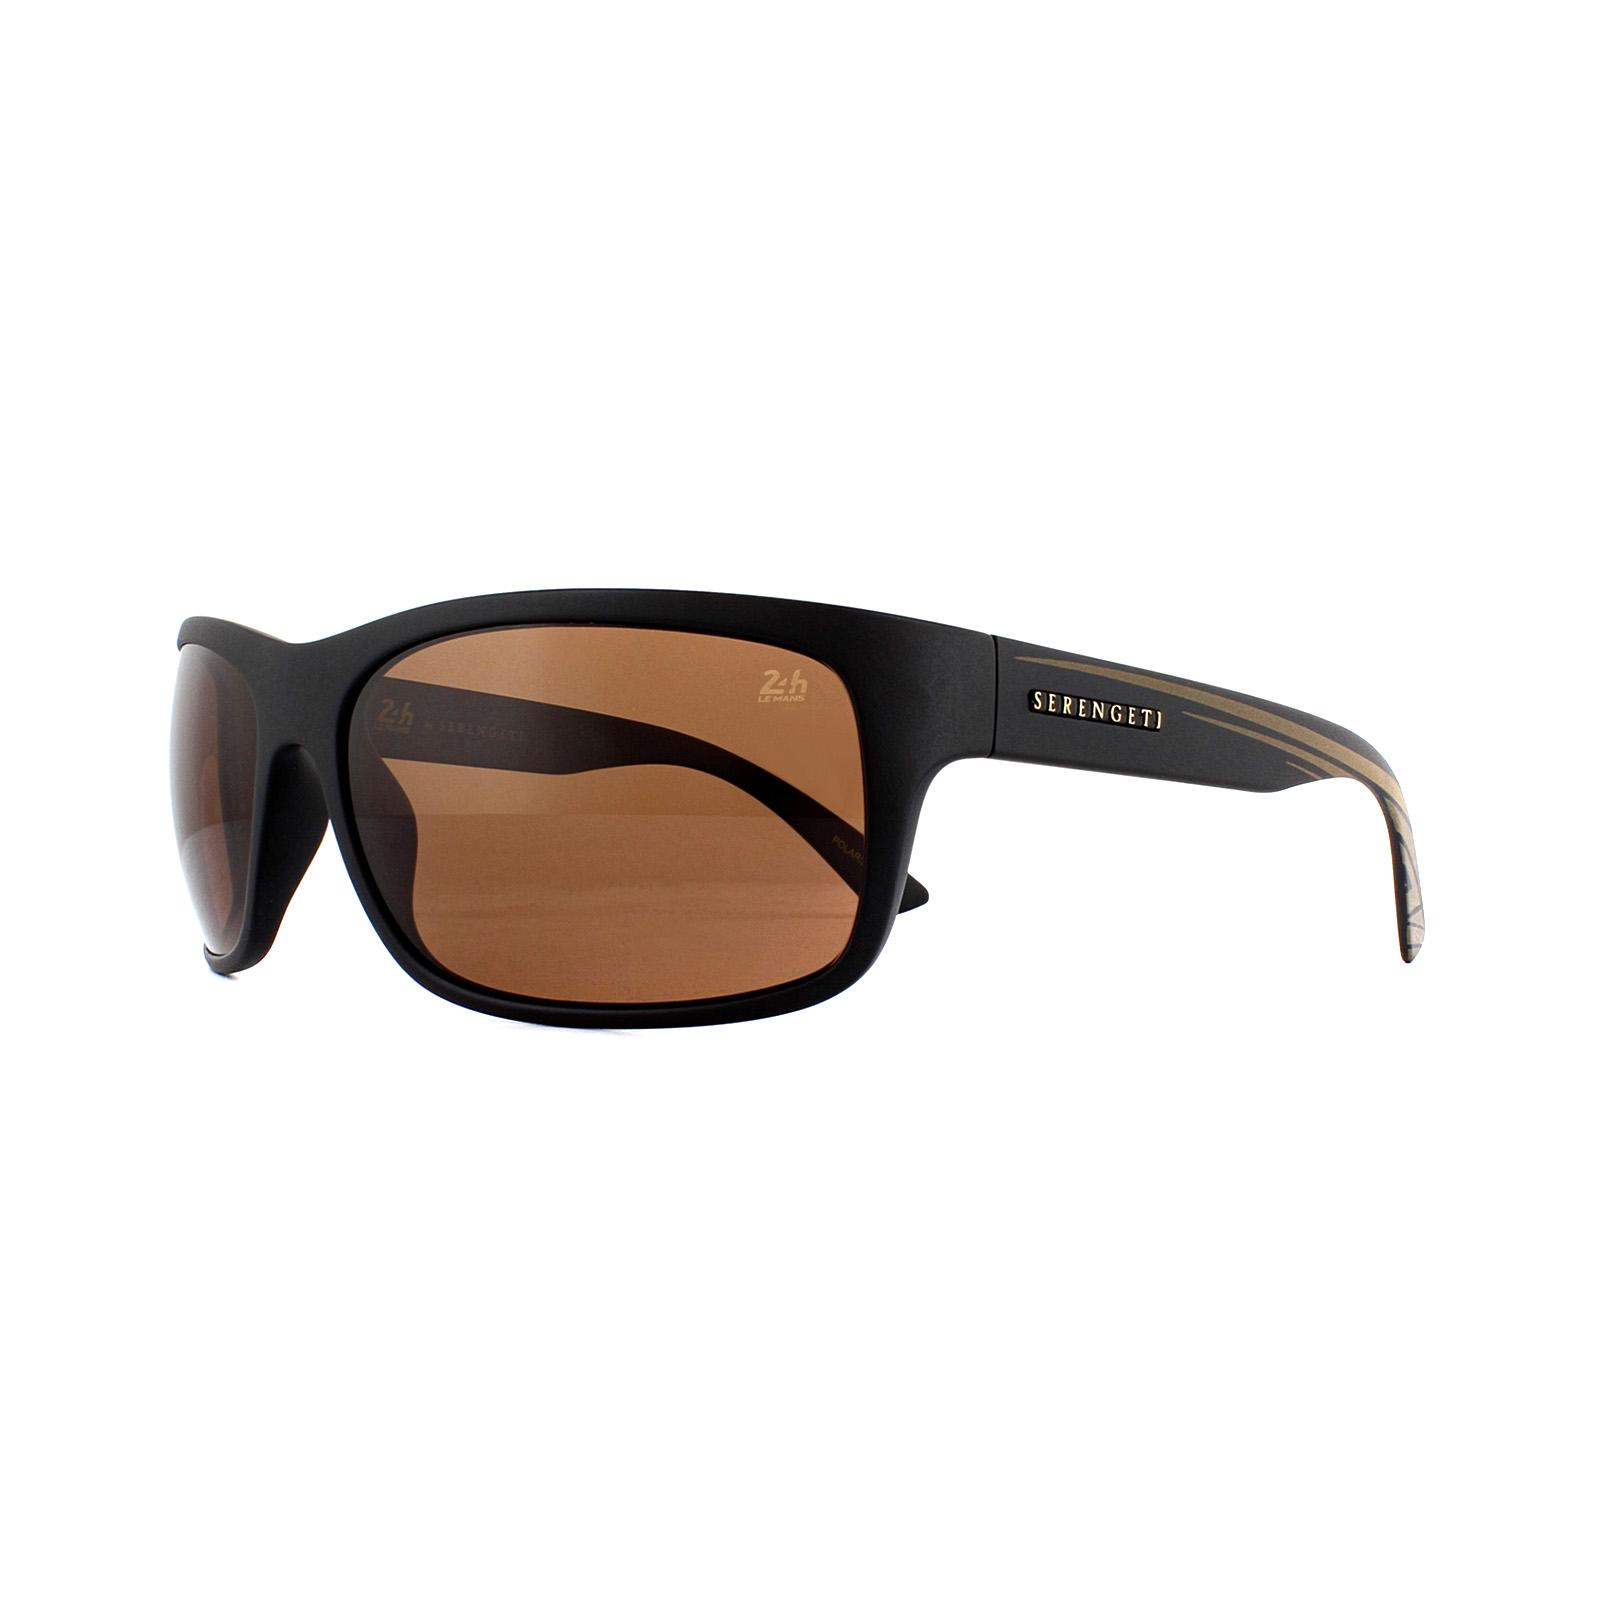 52c4cec489 CENTINELA Serengeti gafas de sol Pistoia 8744 oro negro satinado  conductores marrón polarizado